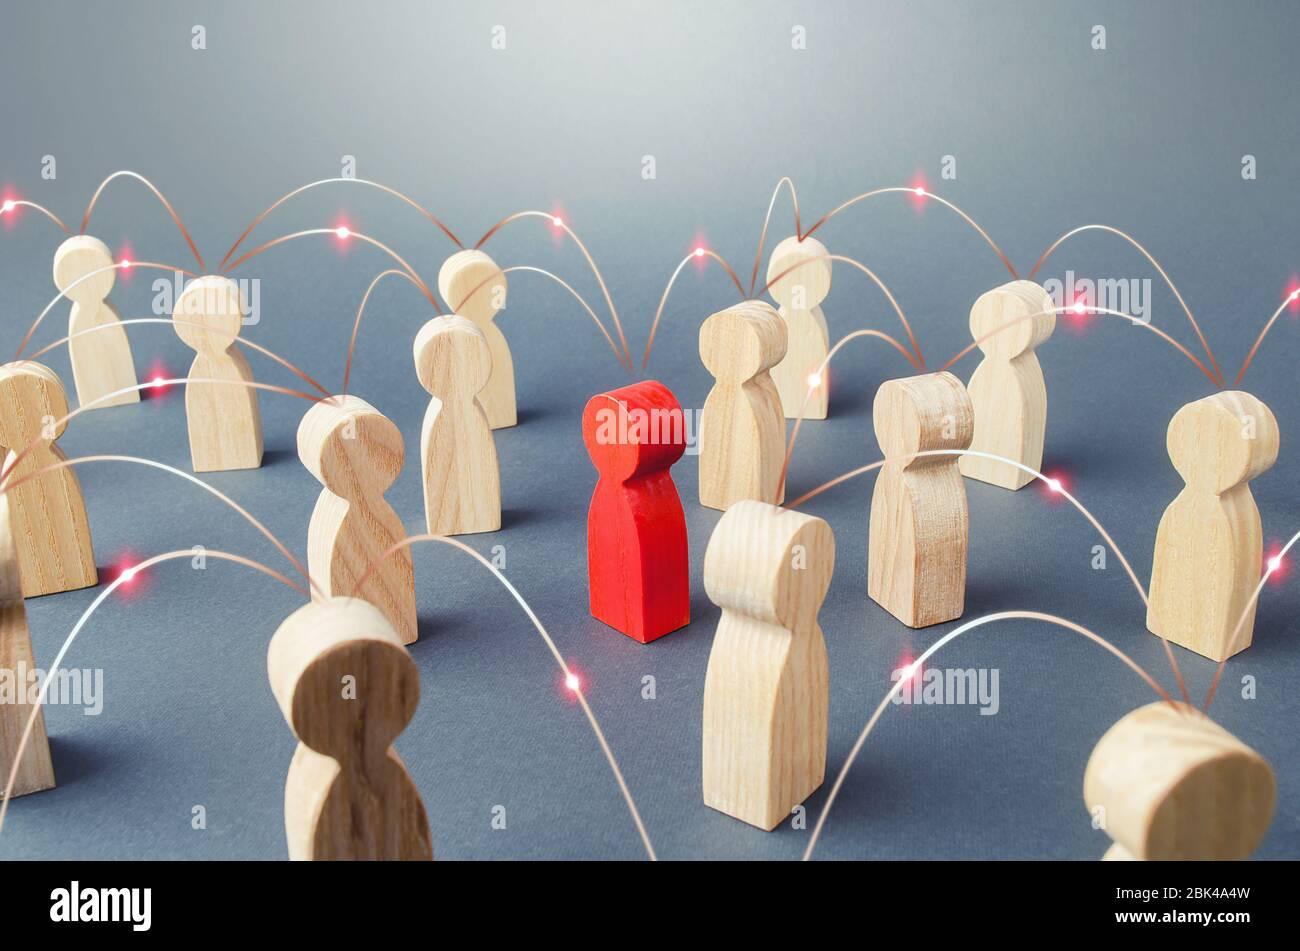 Personas conectadas por líneas. Cooperación y colaboración, difusión de los chismes de noticias. Trabajo en equipo. Concepto de sociedad. Relaciones de ciencias sociales. Mercado Foto de stock